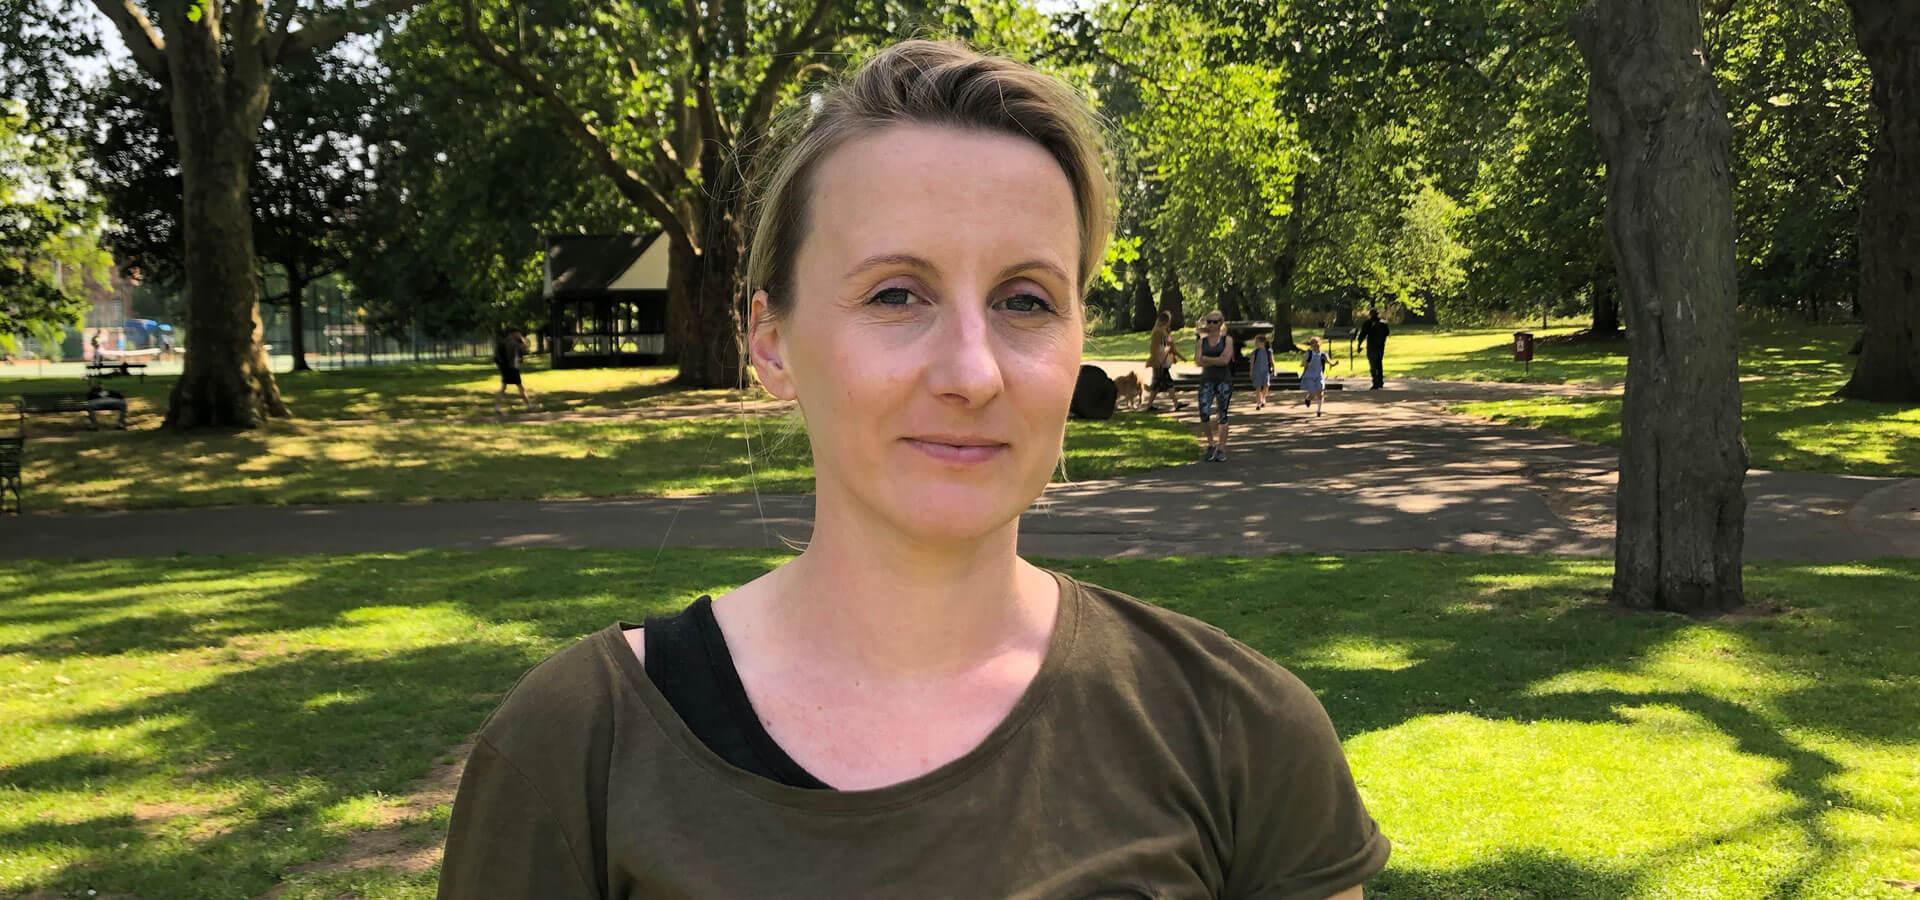 Gerrie Janssen